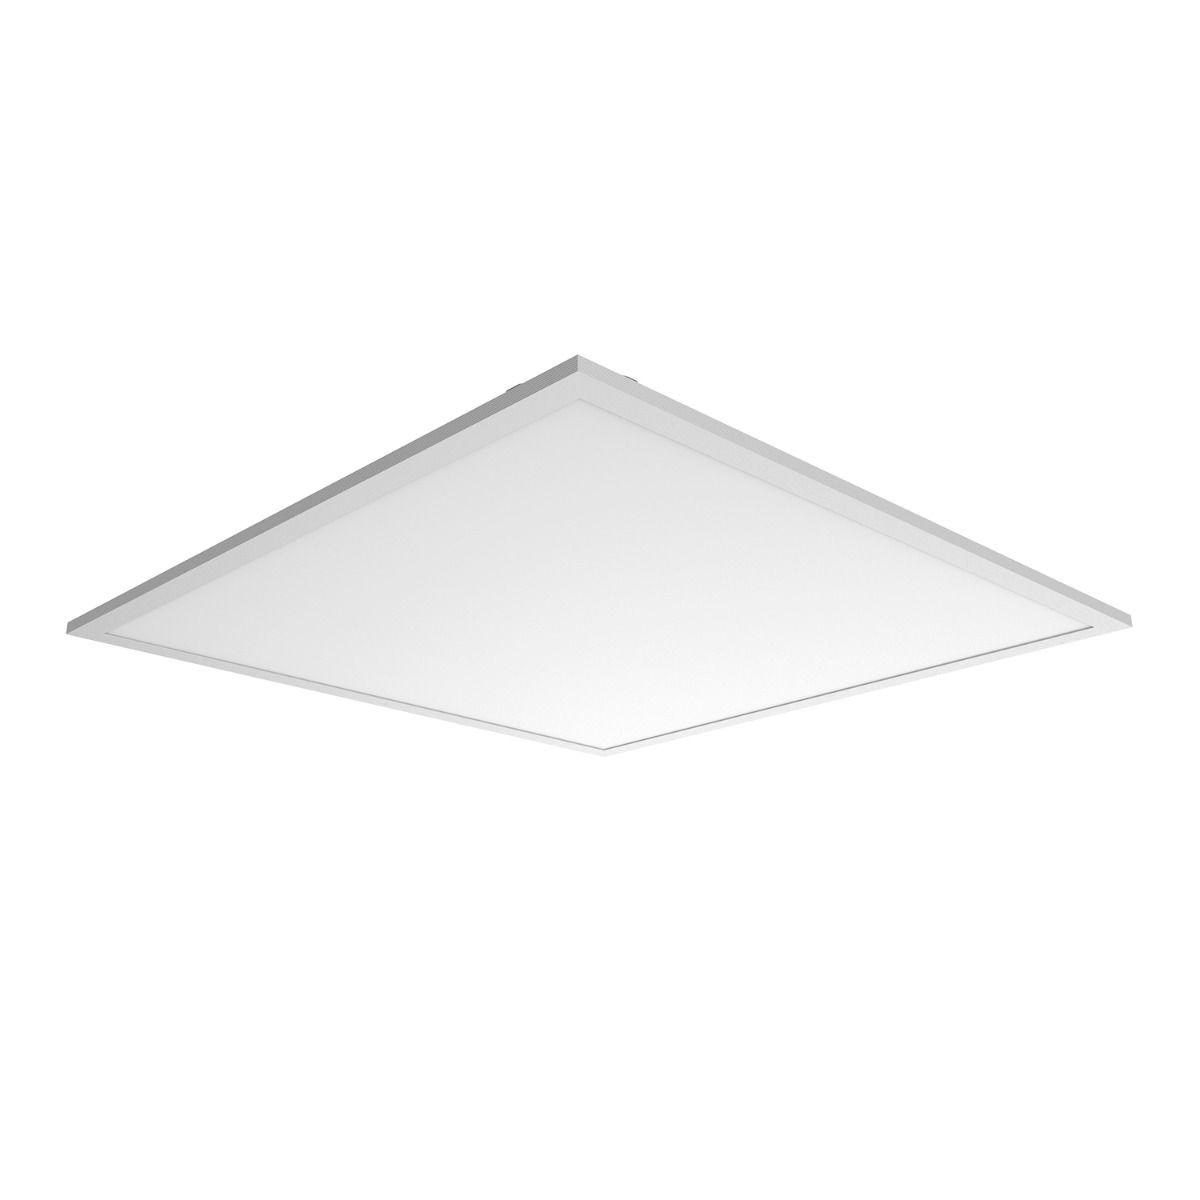 Noxion LED Paneeli Delta Pro V3 30W 4000K 4070lm 60x60cm UGR <22 | Kylmä Valkoinen - Korvaa 4x18W